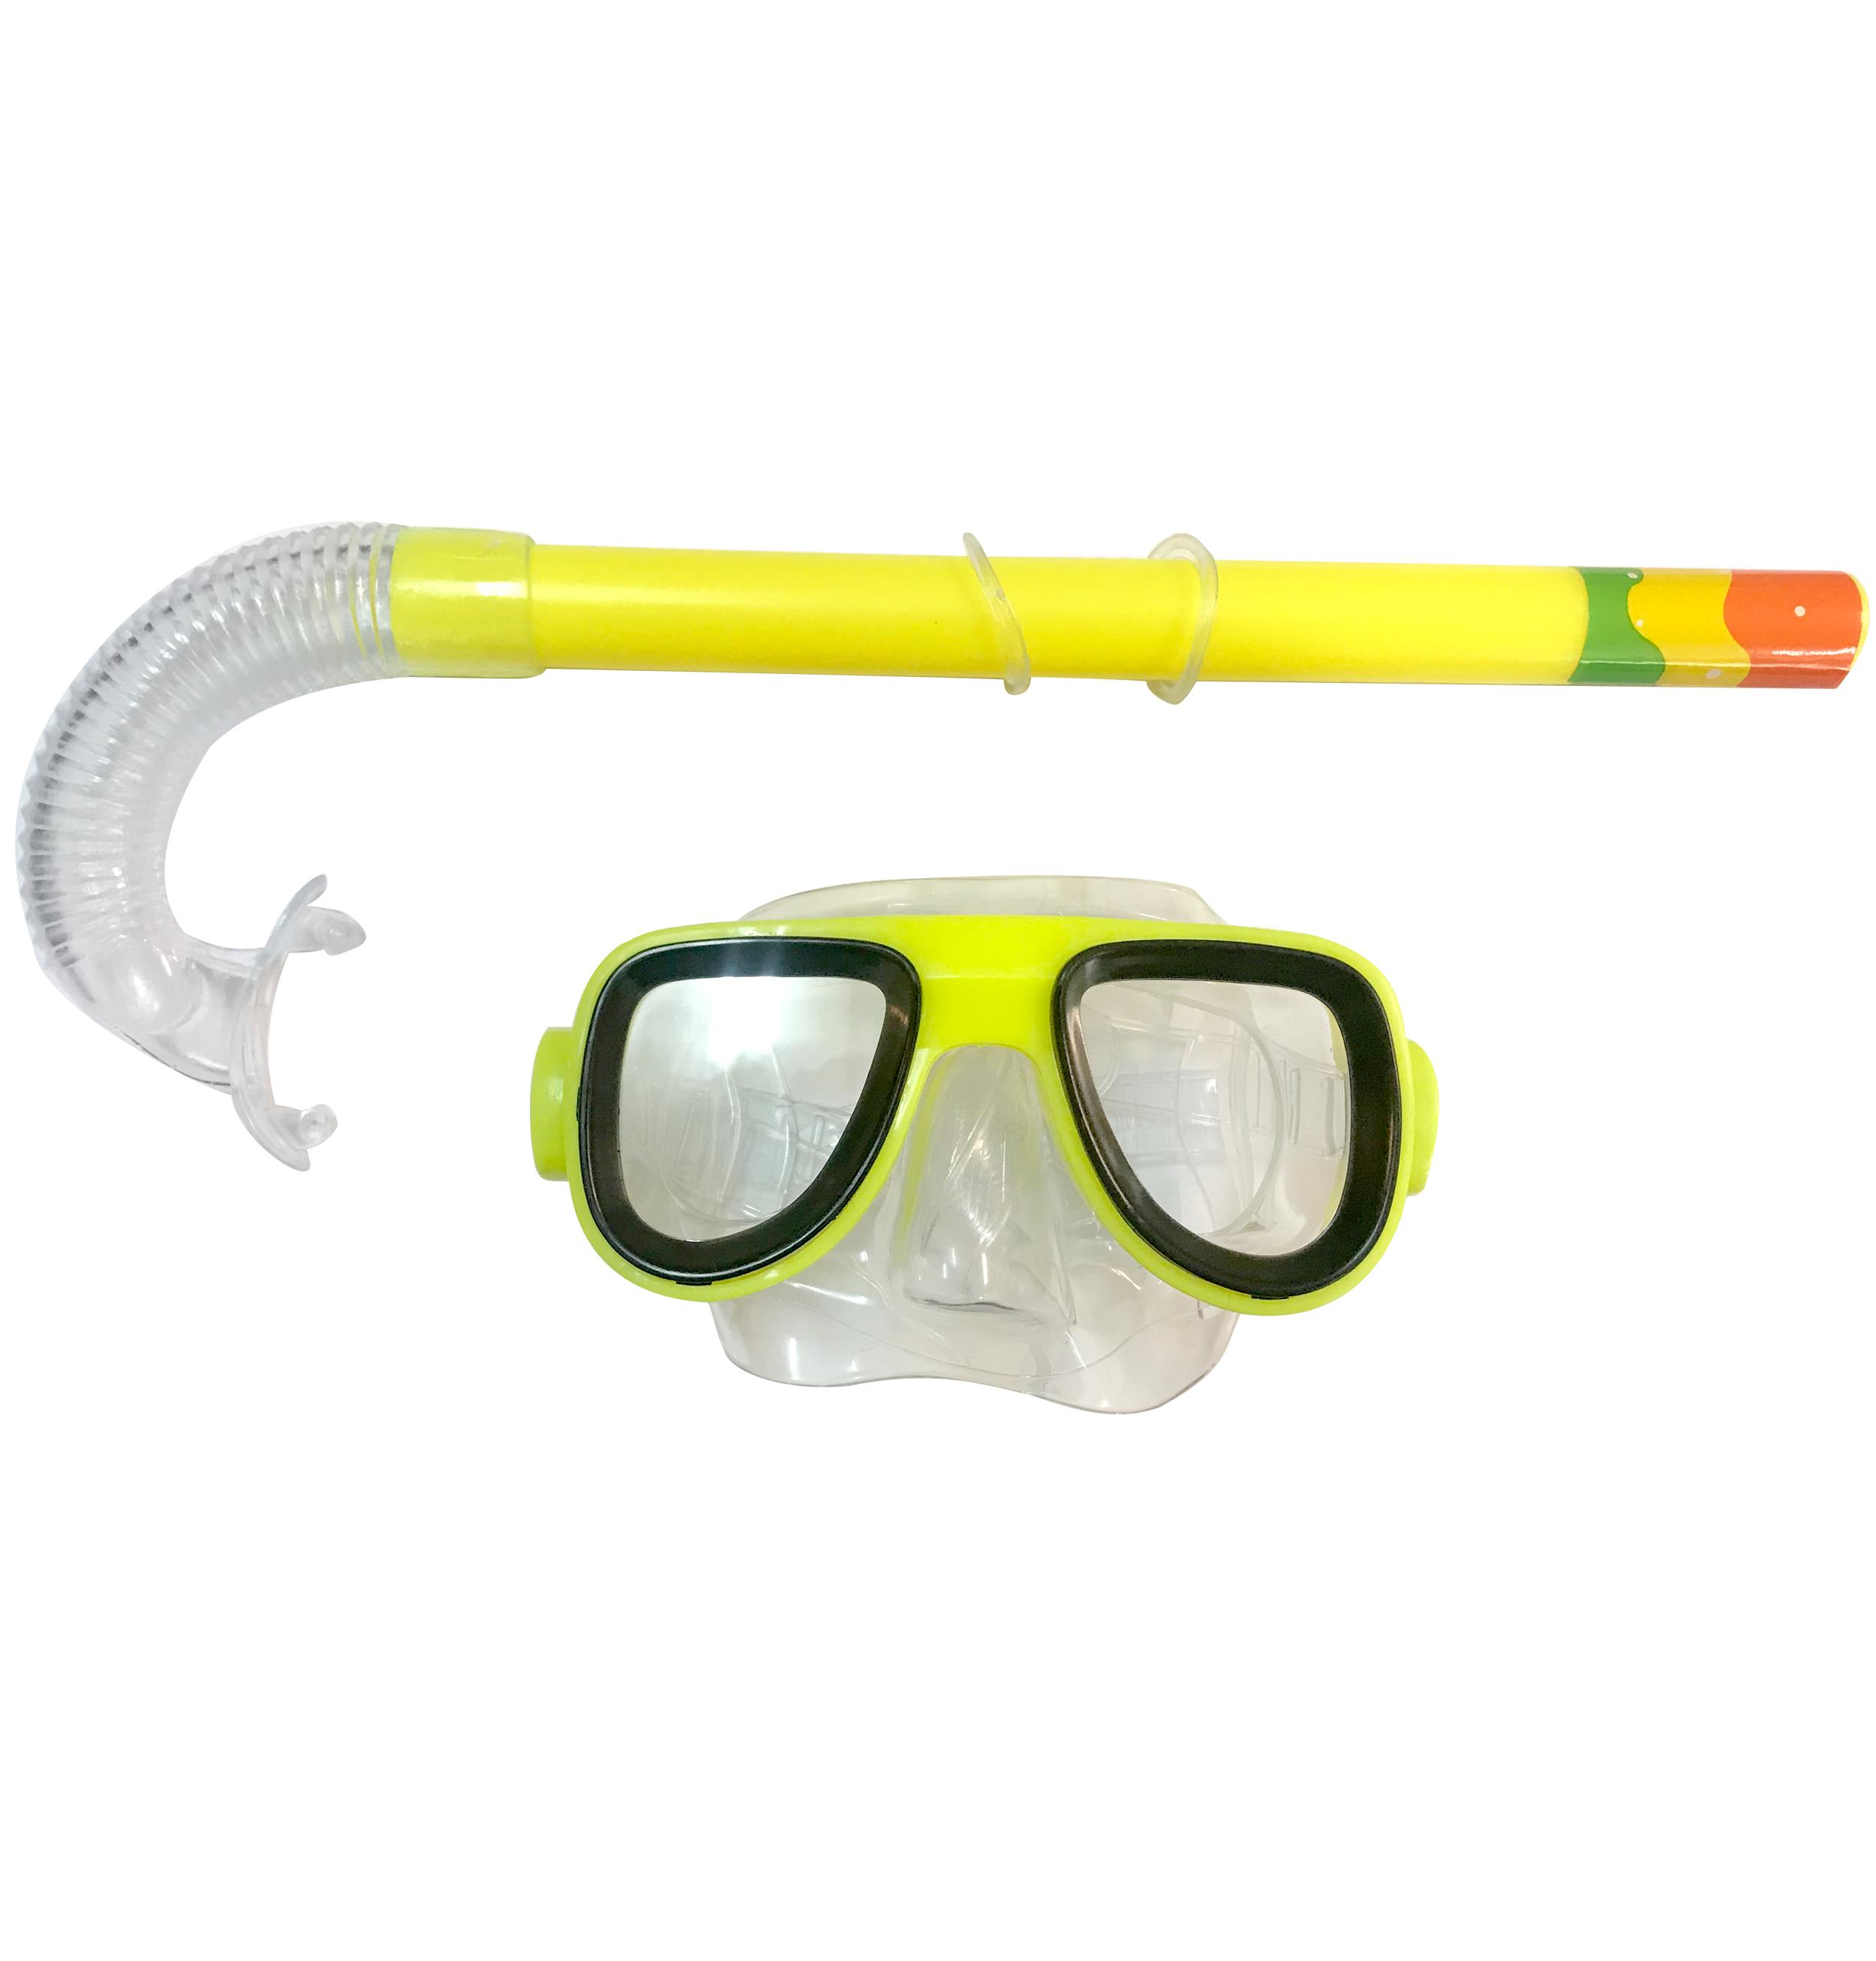 Παιδική μάσκα θαλάσσης με αναπνευστήρα